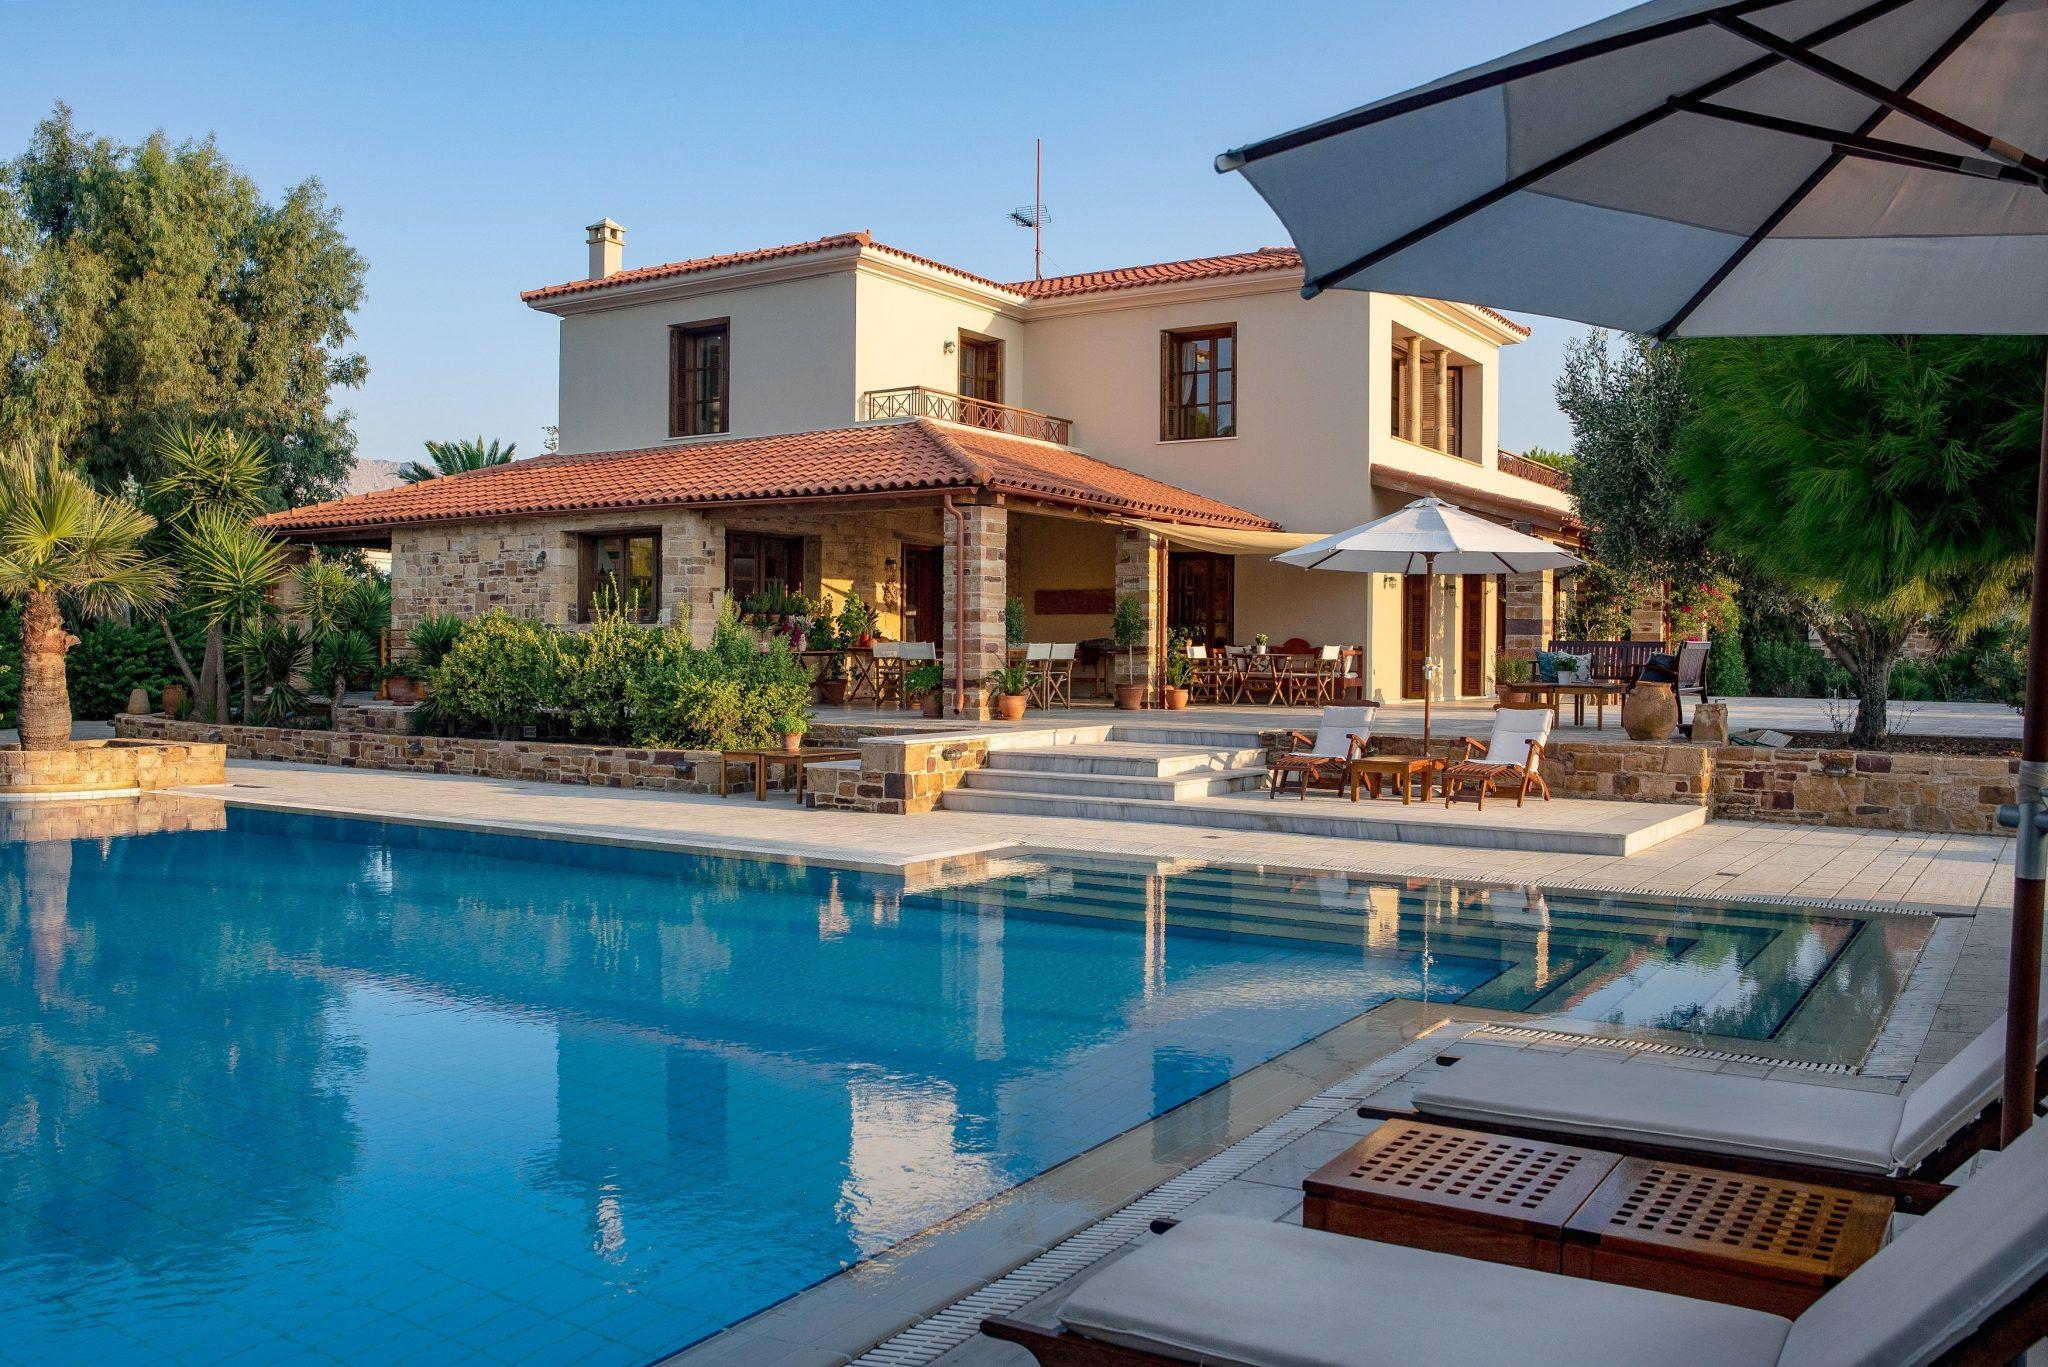 Casa, Chios - Ref GR-5530